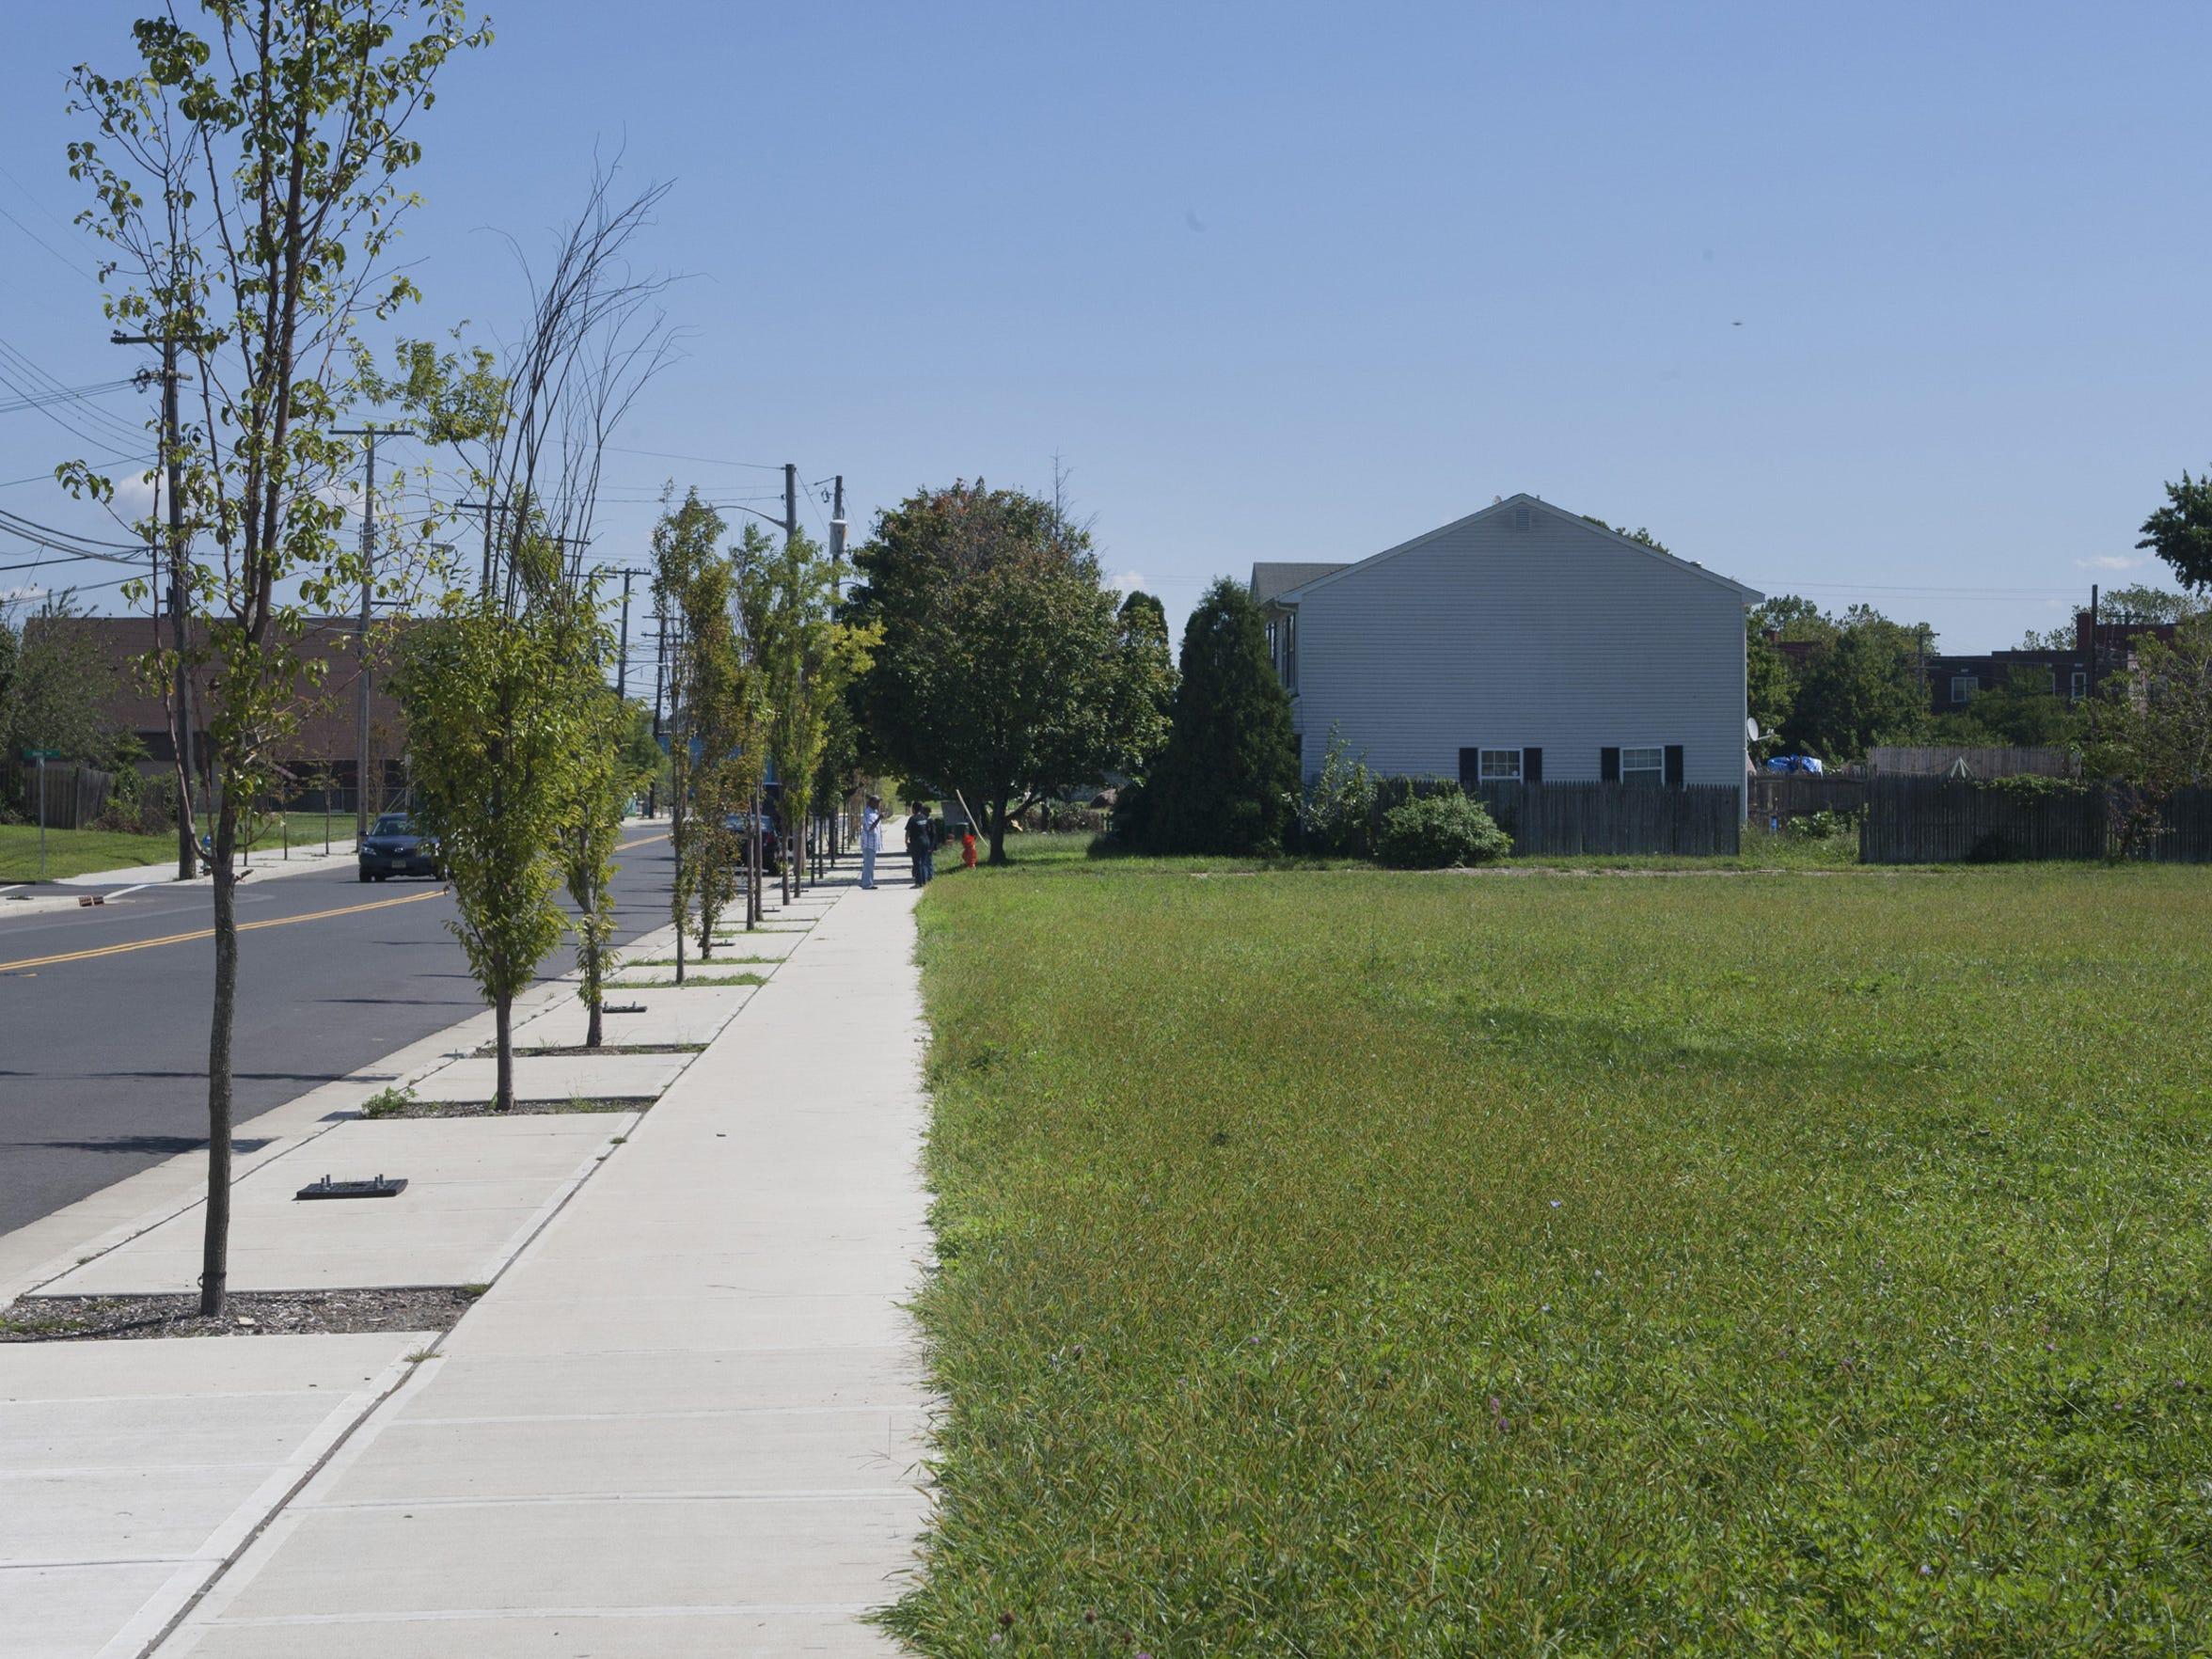 2012 Asbury Park - Looking east along Springwood Avenue,